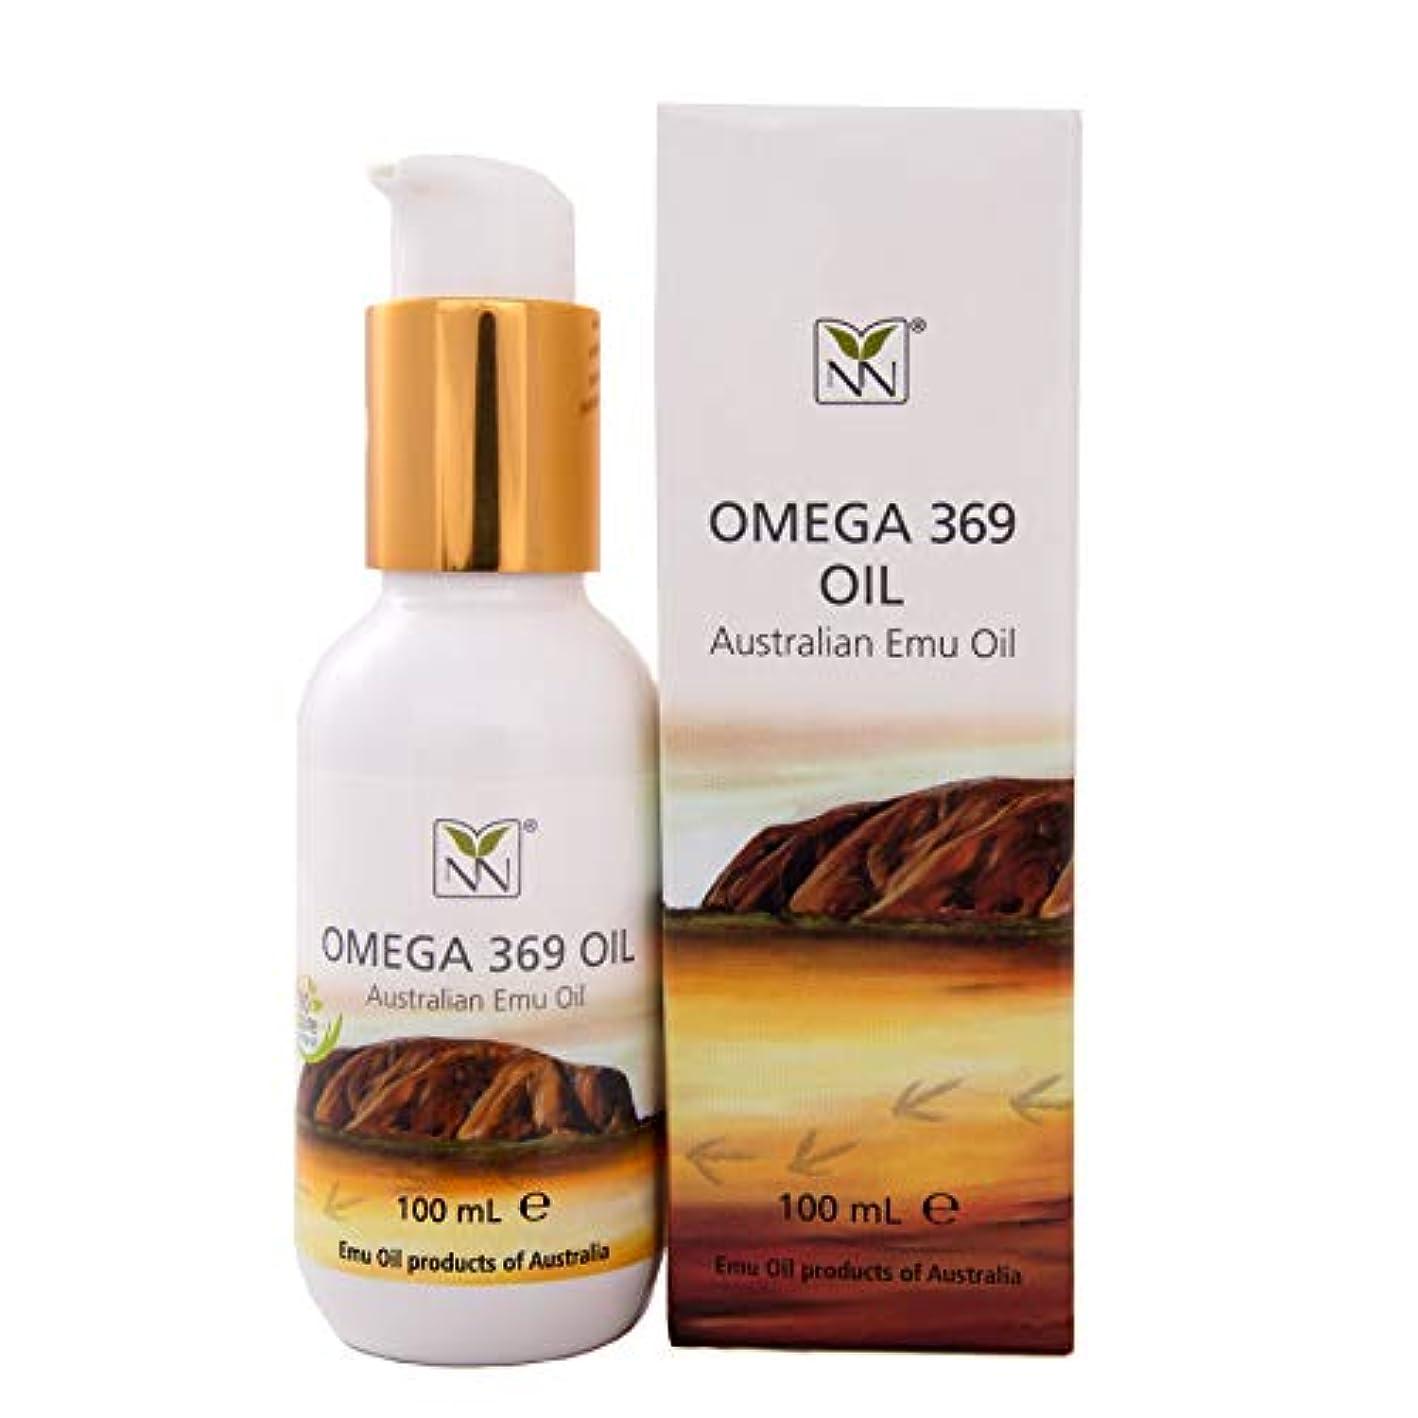 現実的視聴者クーポンY Not Natural エミューオイル EMU OIL 無添加100% 保湿性 浸透性 抜群 プレミアム品質 エミュー油 (100 ml)